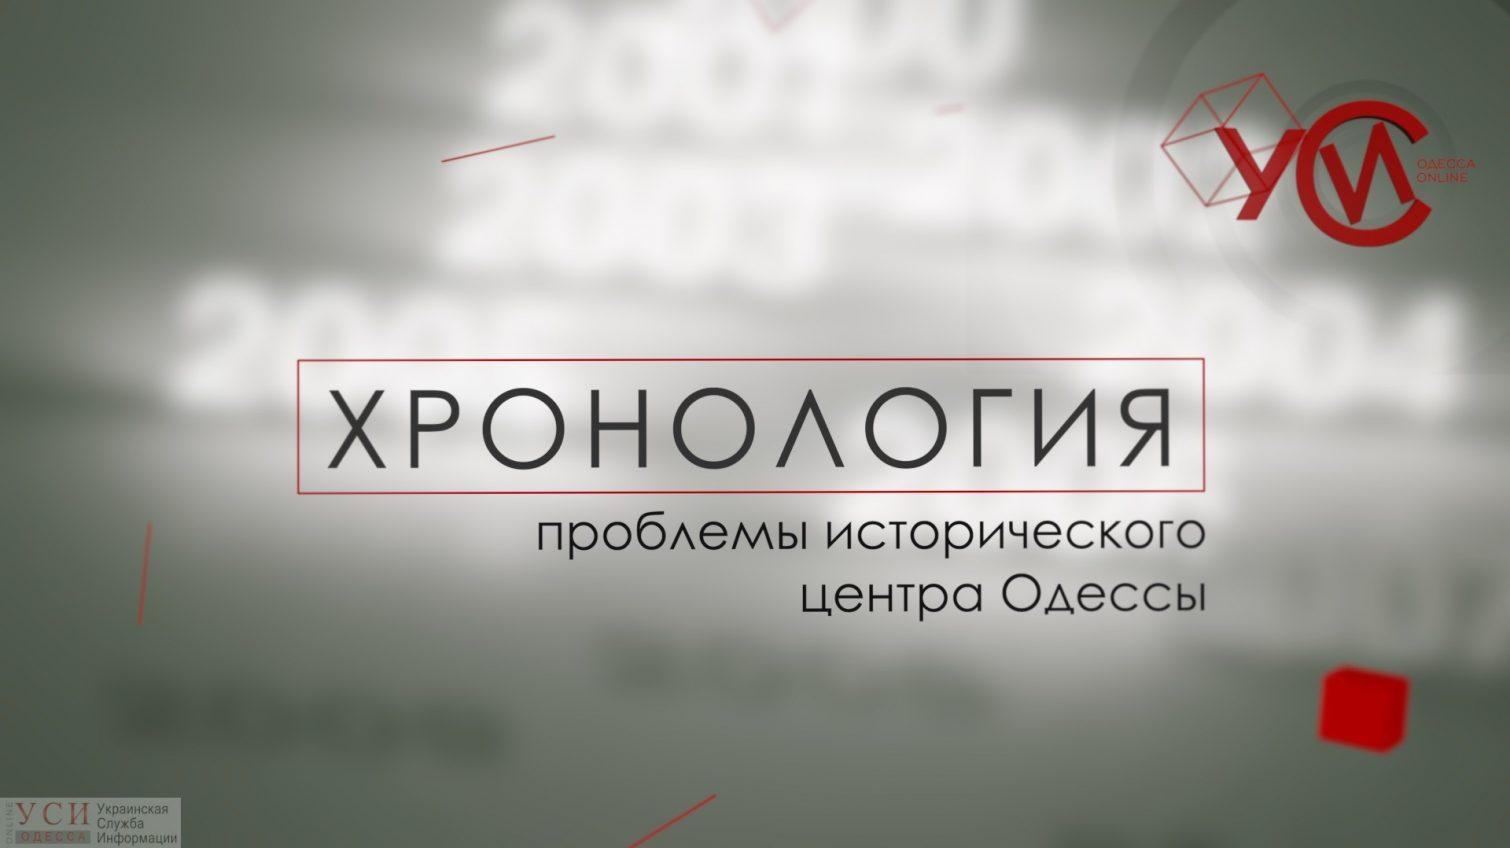 Хронология: проблемы исторического центра Одессы (прямой эфир) «фото»